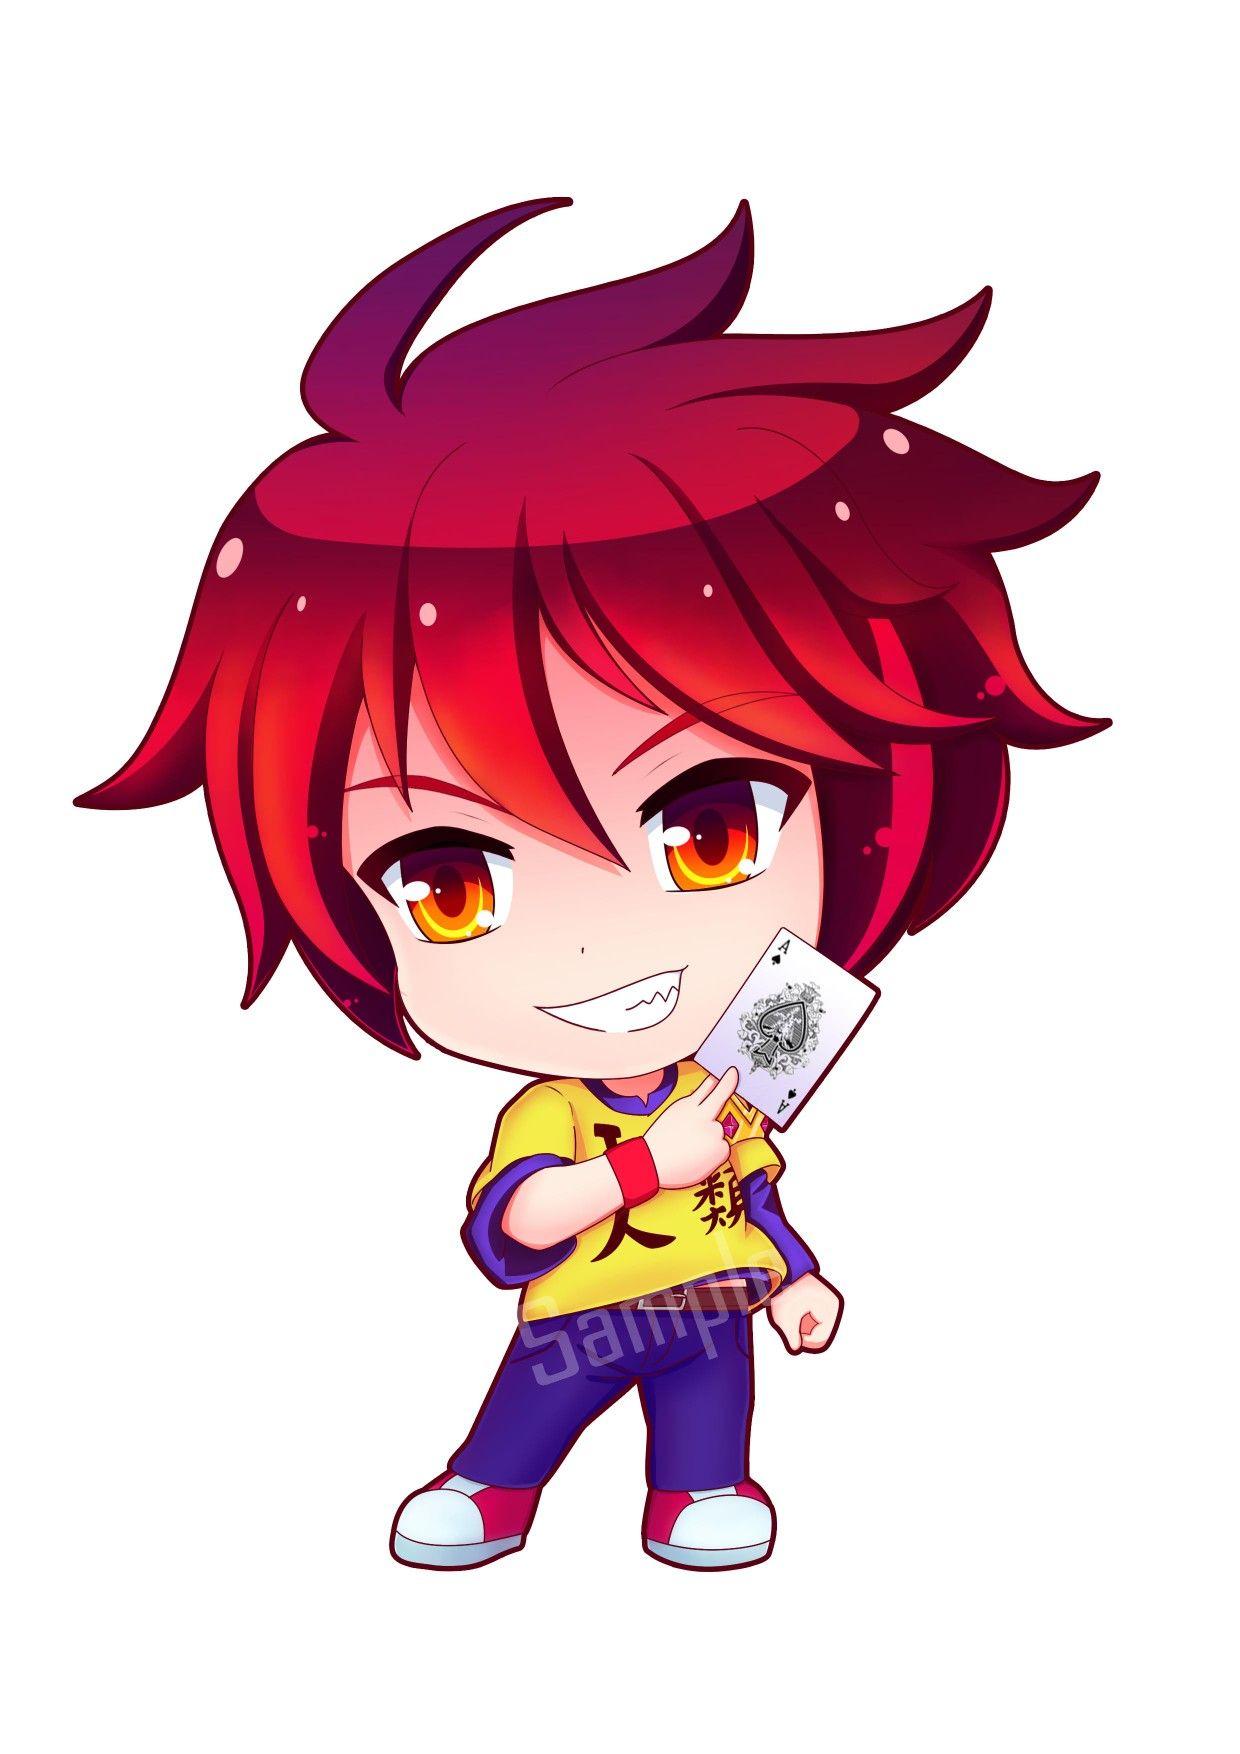 No Game Life Anime Chibi Kawaii Manga Characters